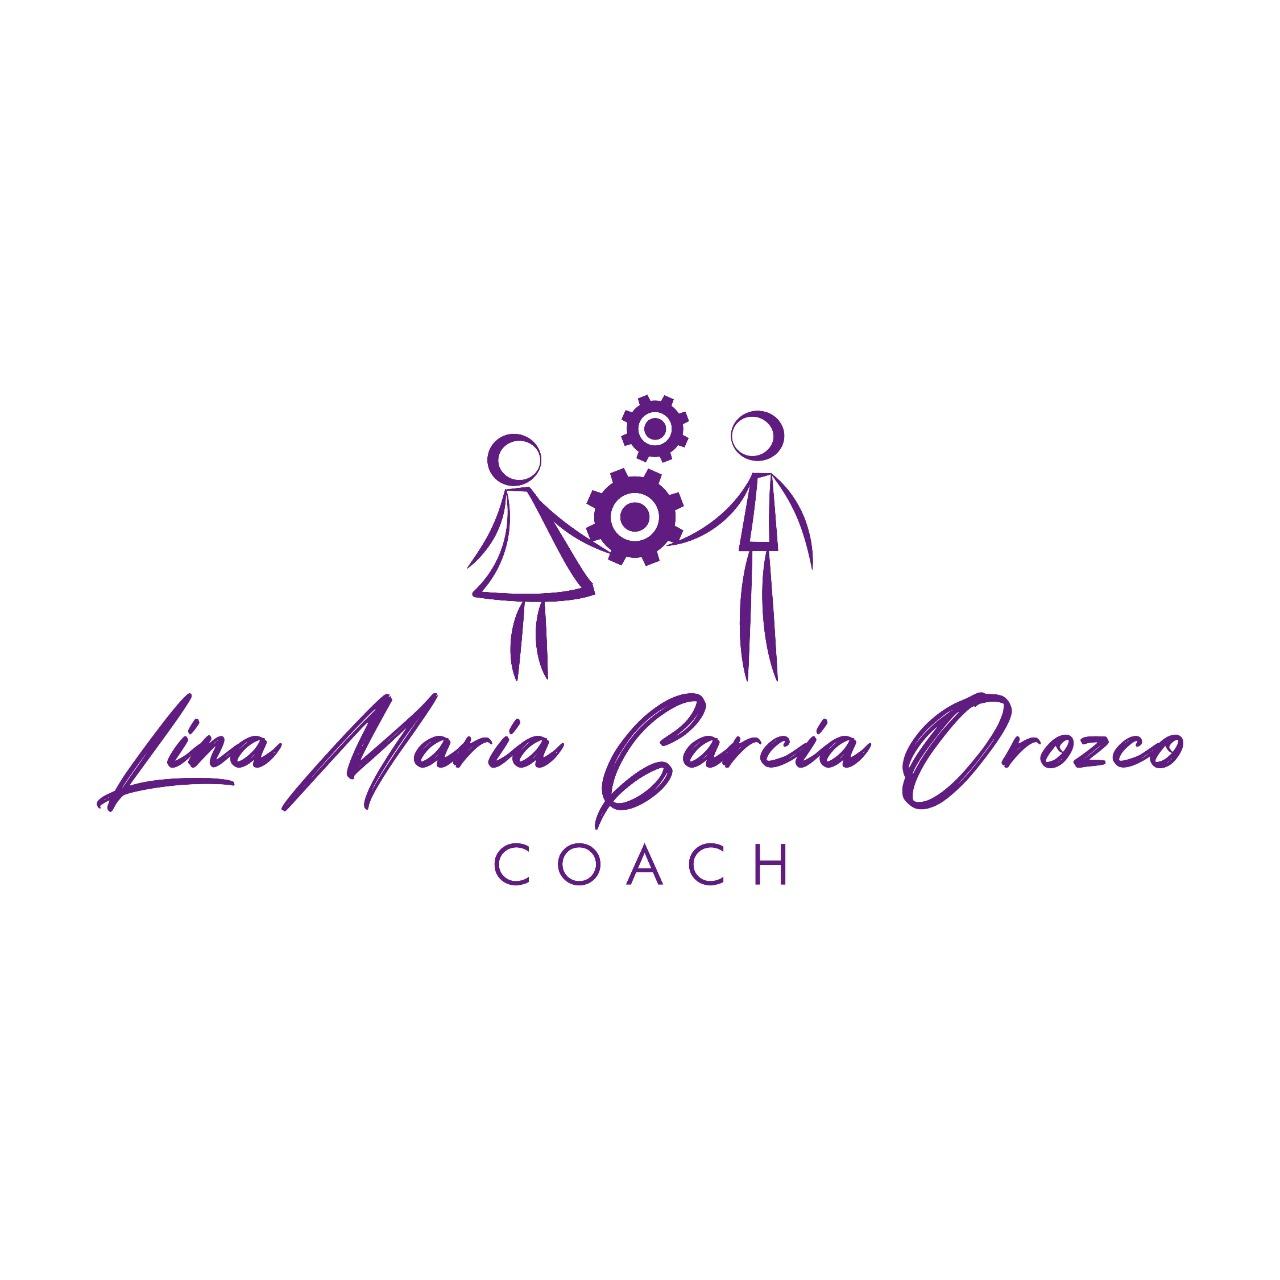 Coach_Lina_María_Garcia